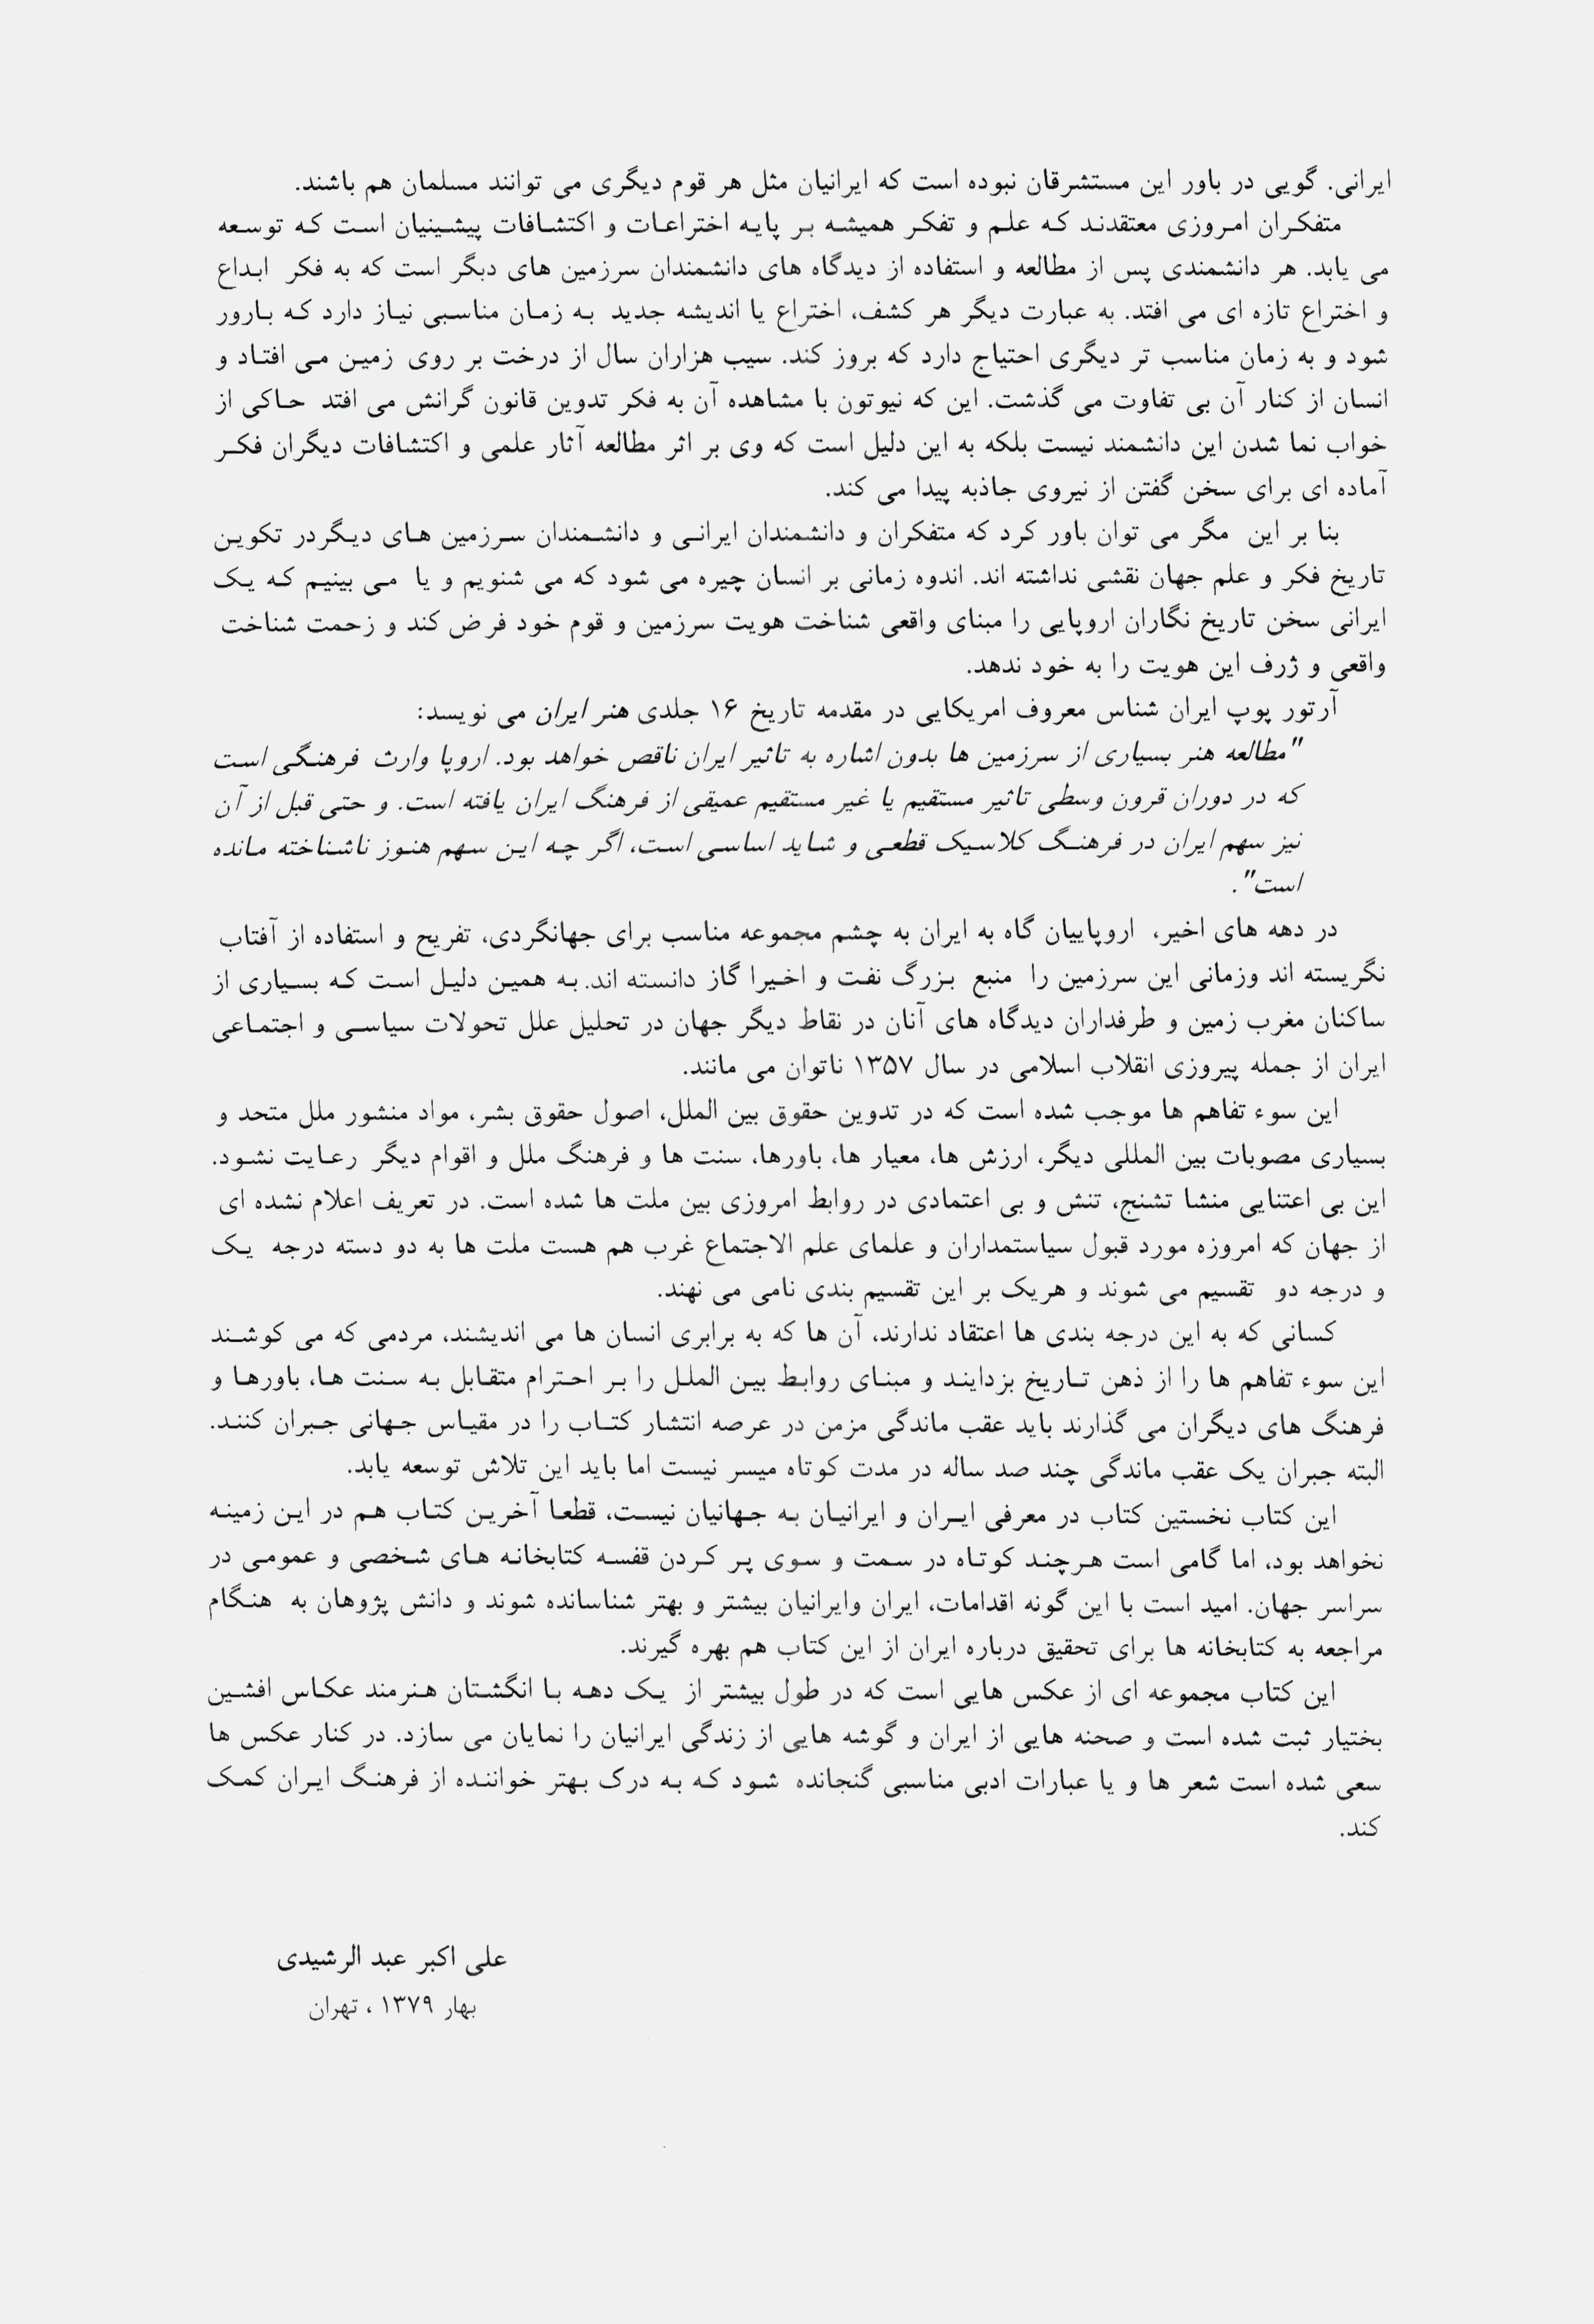 ایران،انسان،طبیعت،زندگی (2زبانه،گلاسه،باقاب)